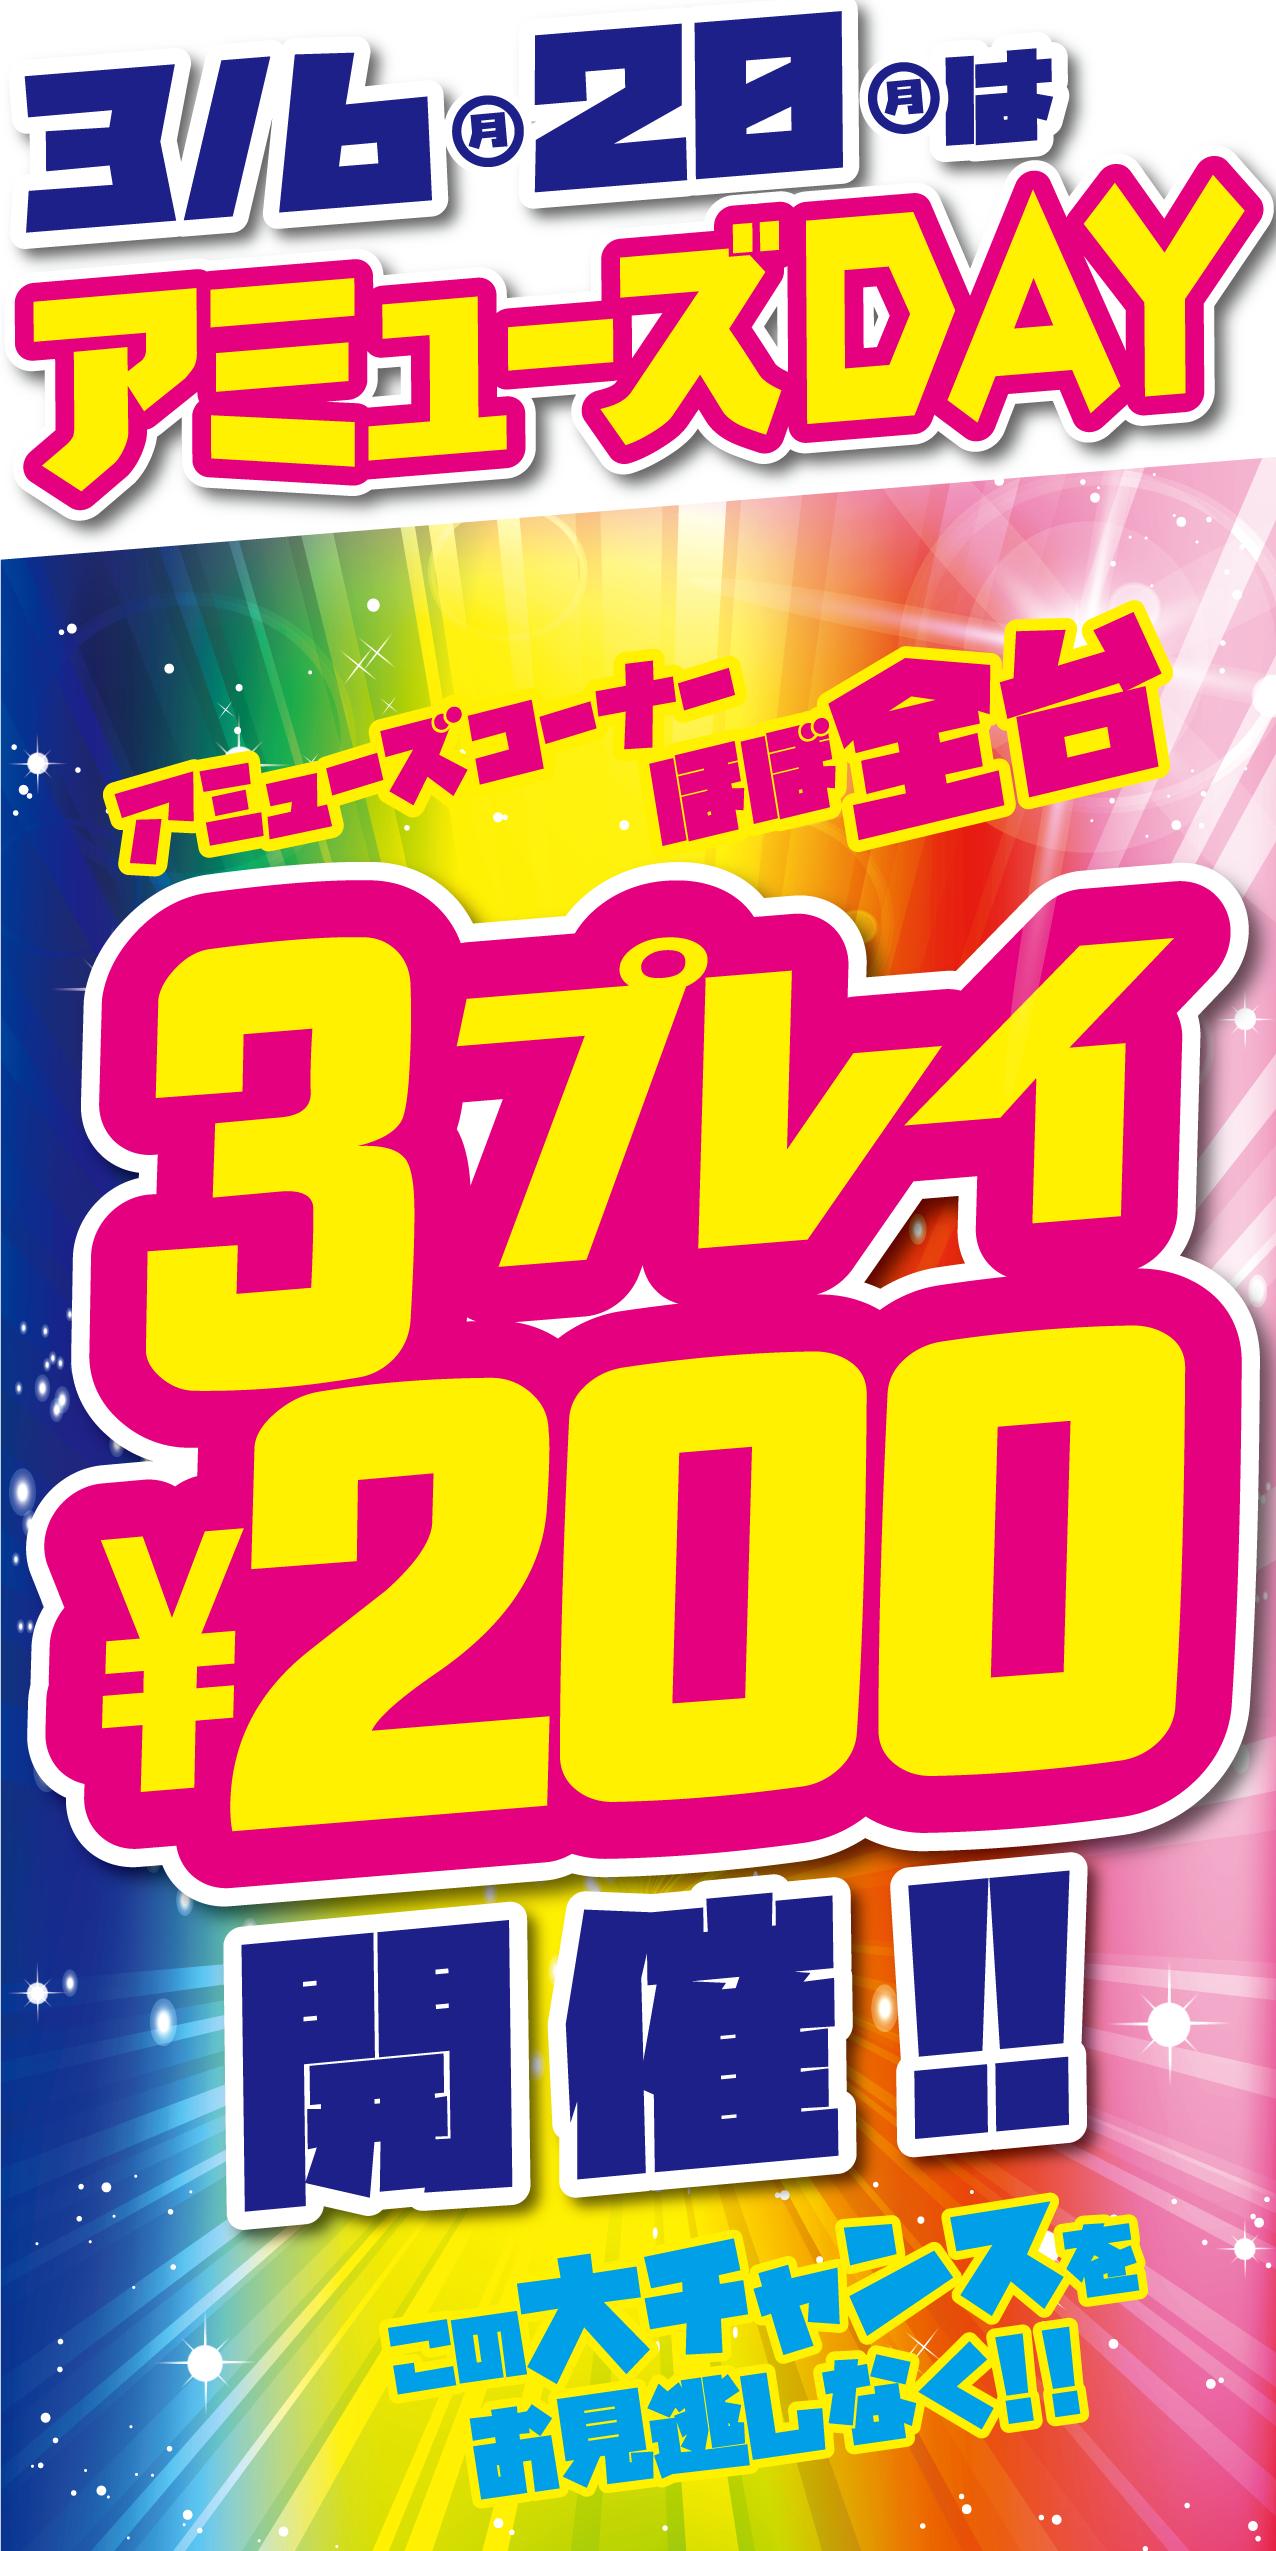 「開放倉庫桜井店」2017年3月6日&20日の月曜日はっ!!アミューズDAY開催!!